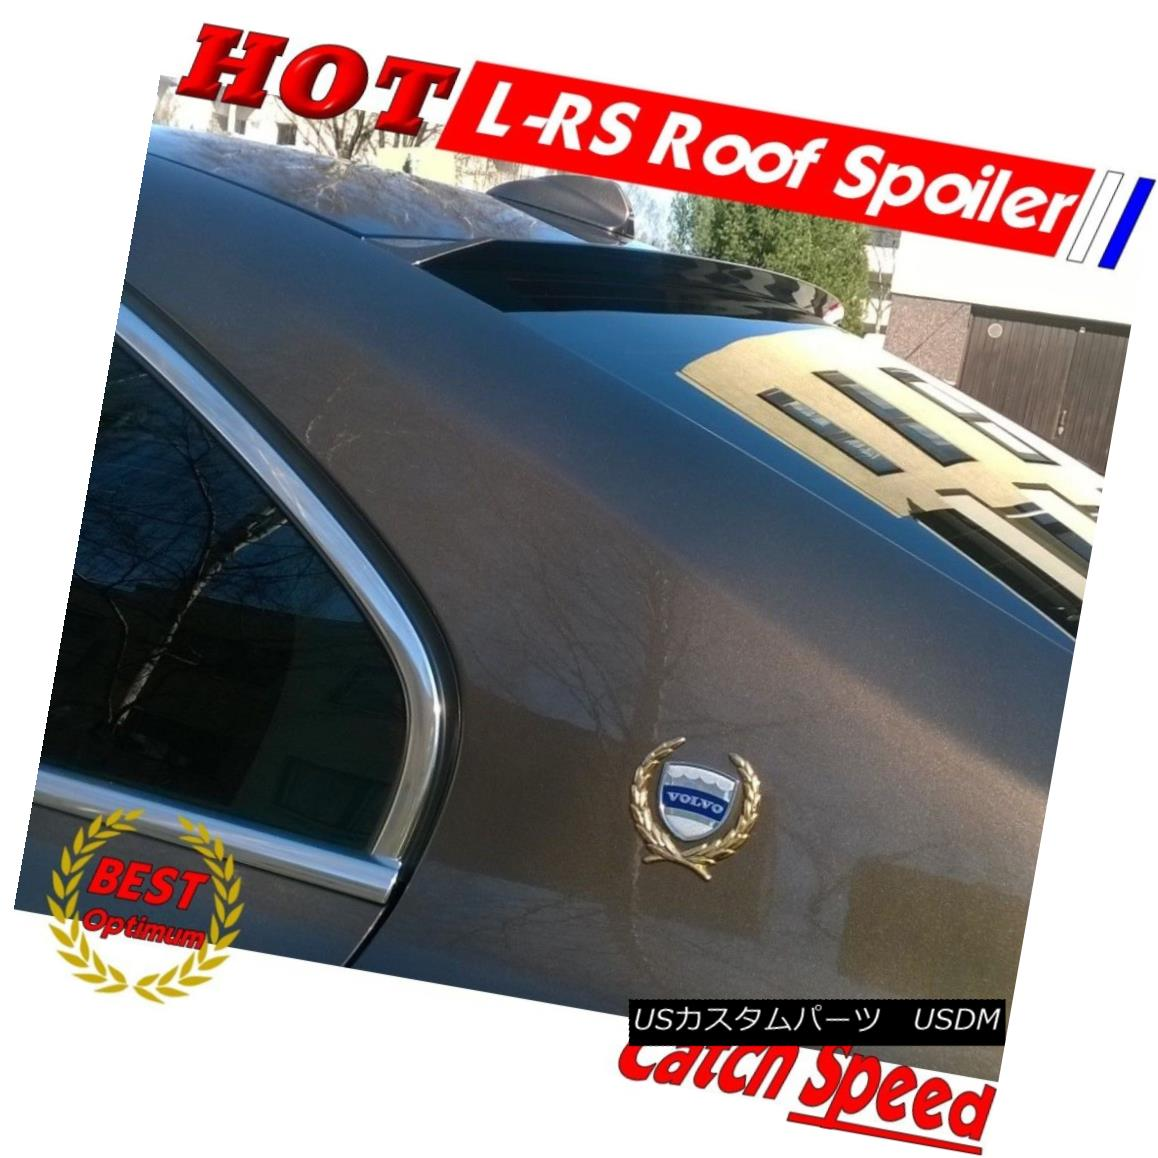 エアロパーツ Flat Black LRS Type Rear Roof Spoiler Wing For Honda CIVIC Ferio Sedan 2001-03? Honda CIVIC Ferio Sedan用フラットブラックLRSタイプリアルーフスポイラーウィング2001-03?